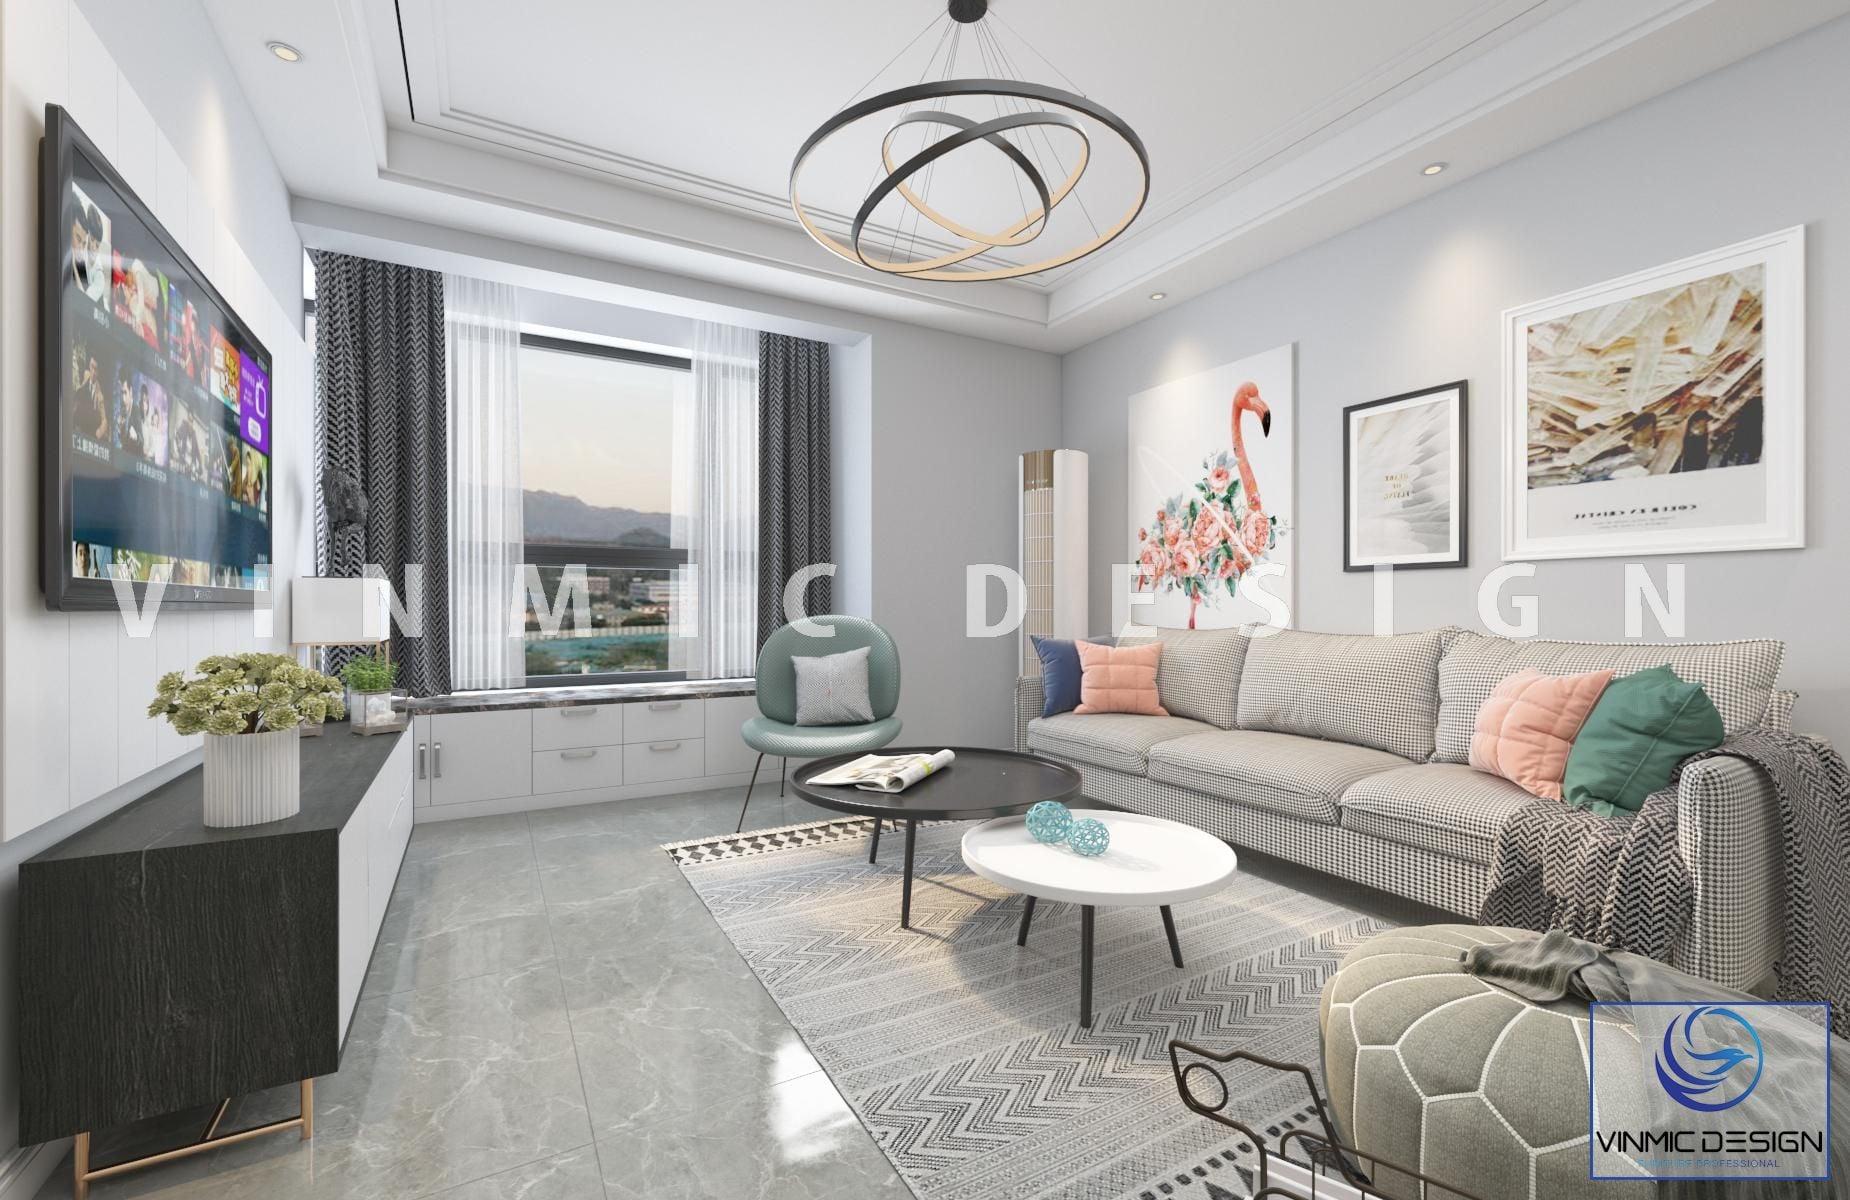 Thiết kế nội thất chung cư 90m2 có phòng khách ấn tượng với tone màu nóng và lạnh kết hợp tinh tế